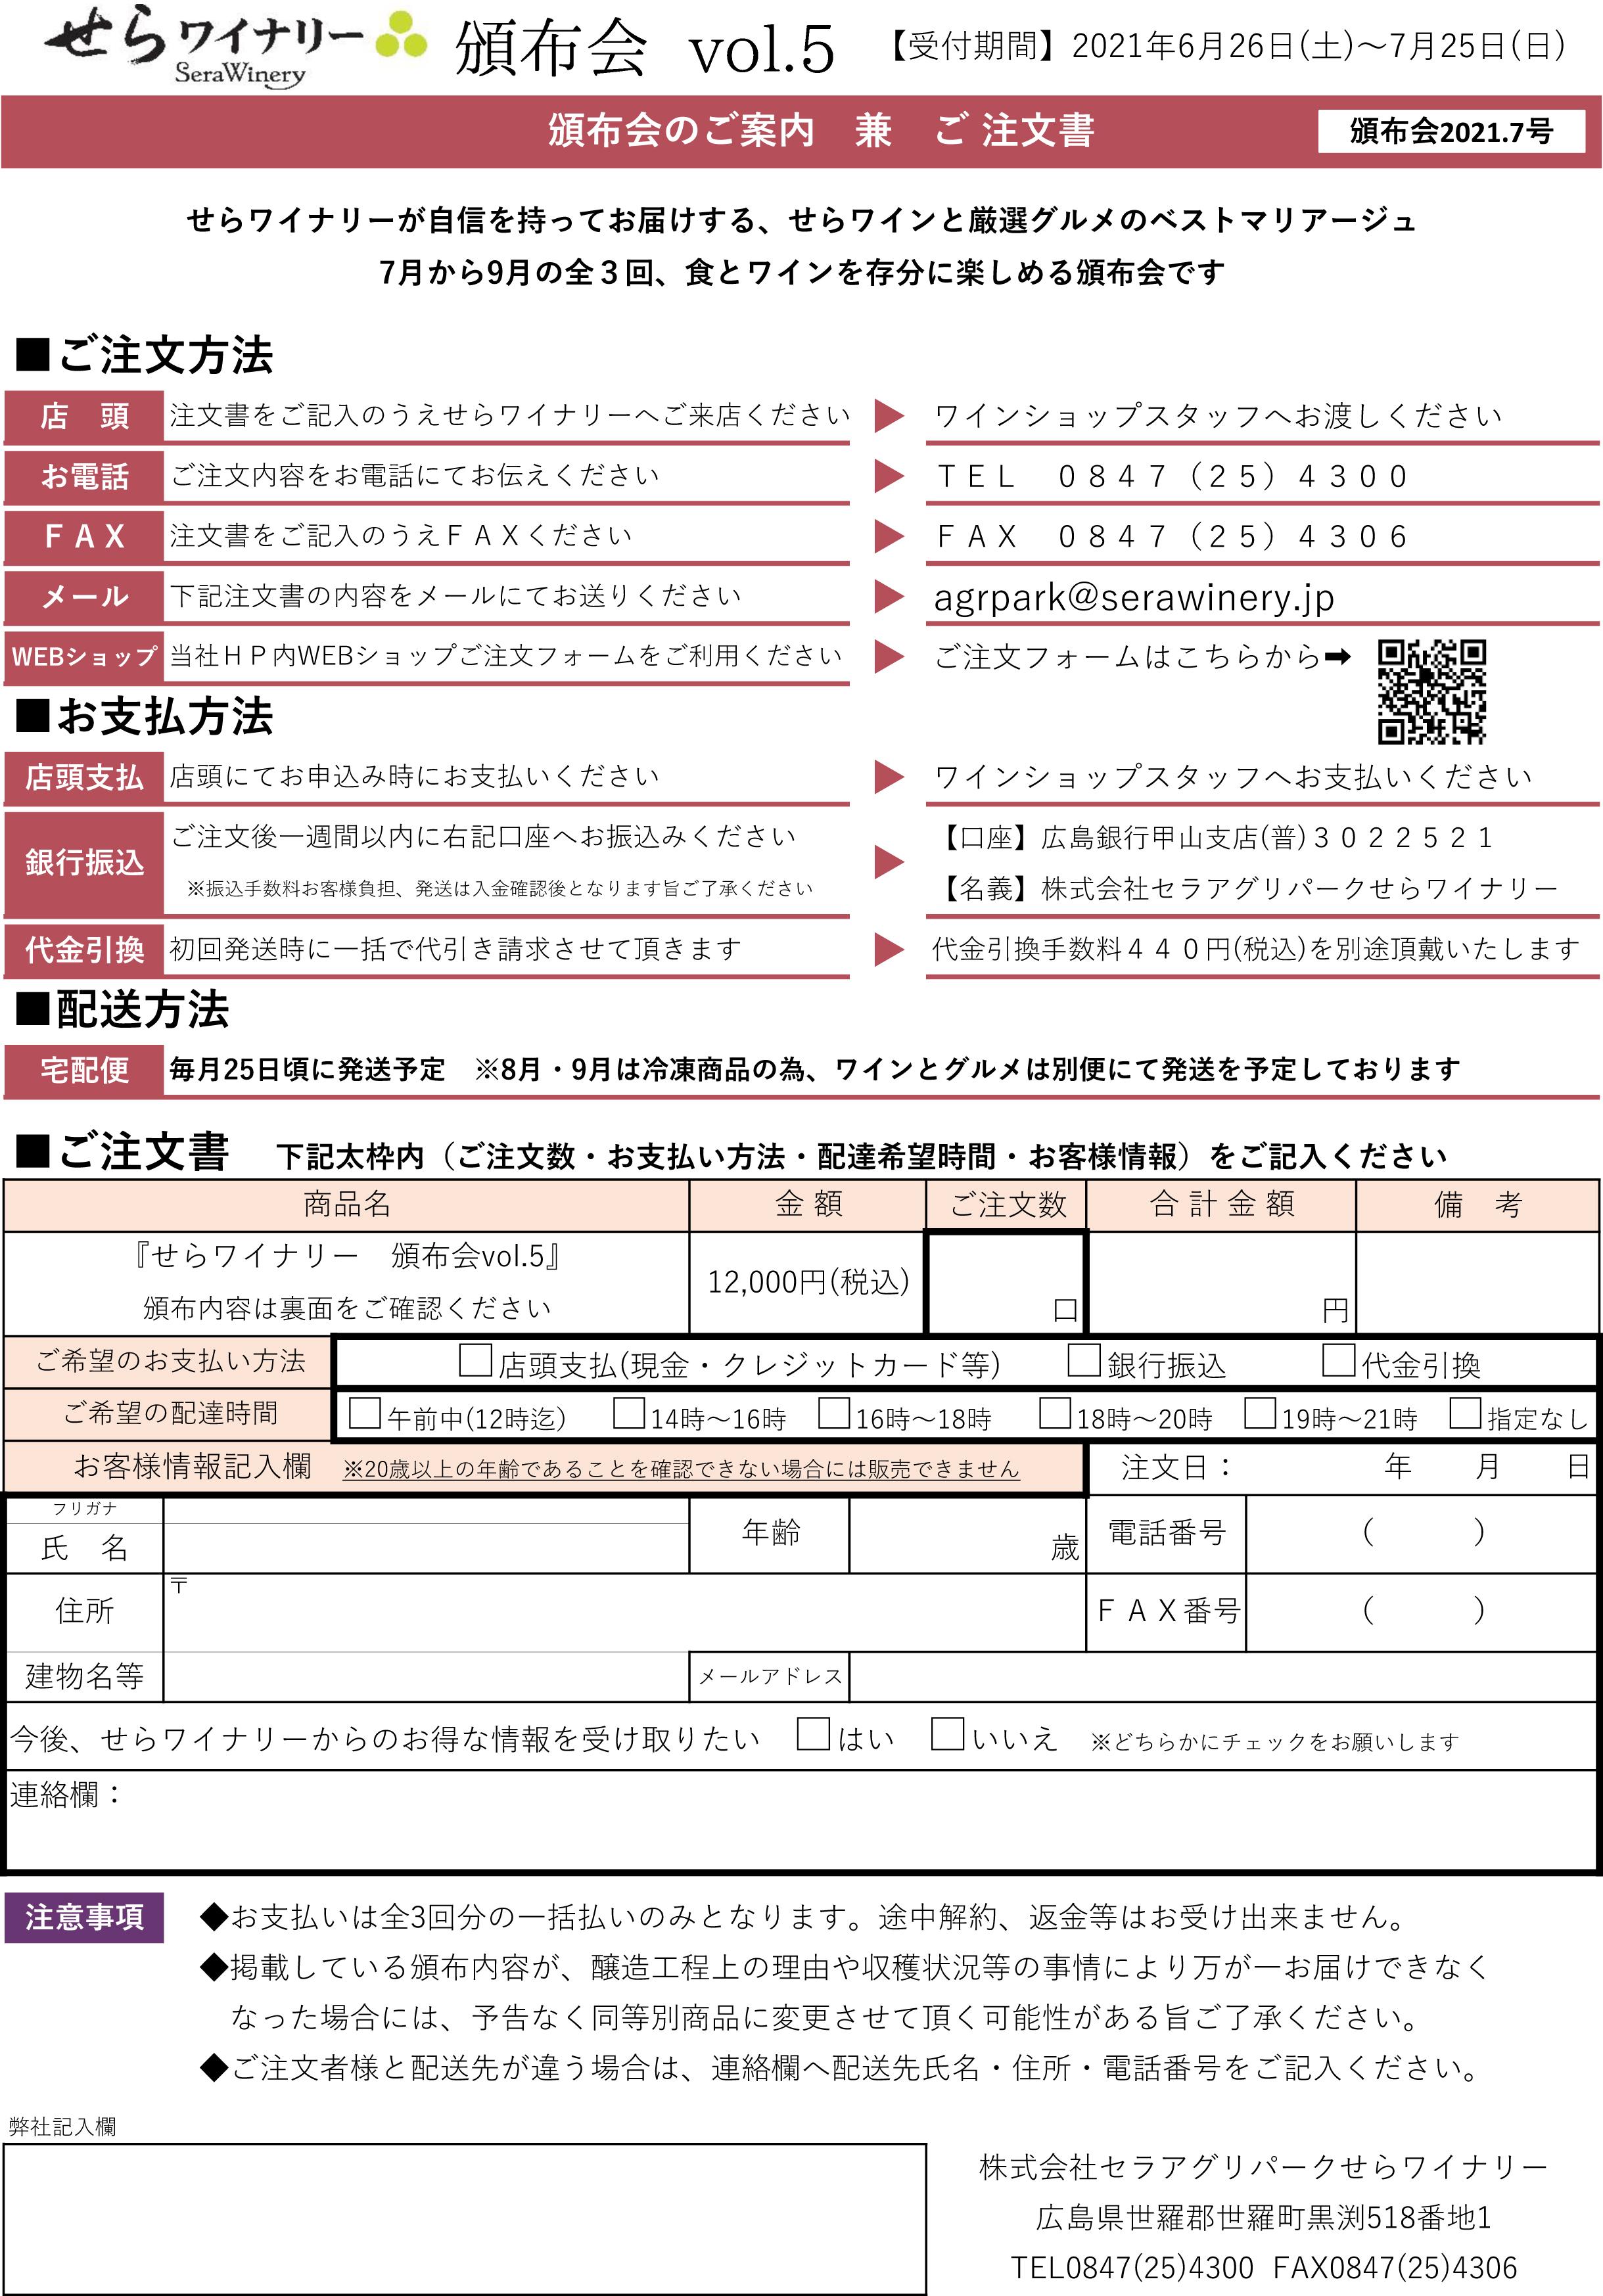 頒布会vol5注文書面(裏)